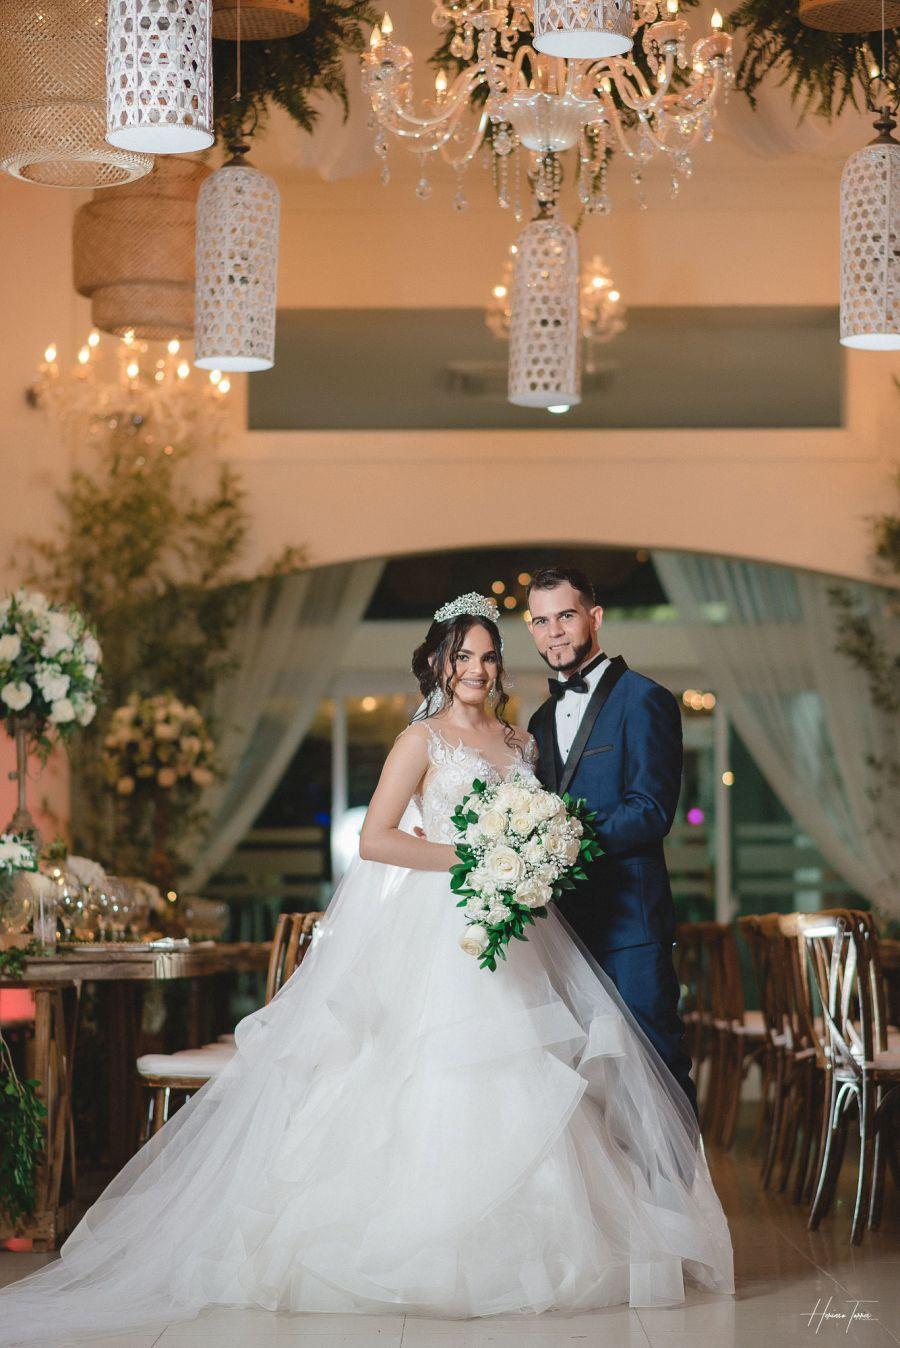 Vestido de novia en santiago de los caballeros república dominicana - Vigsel Store